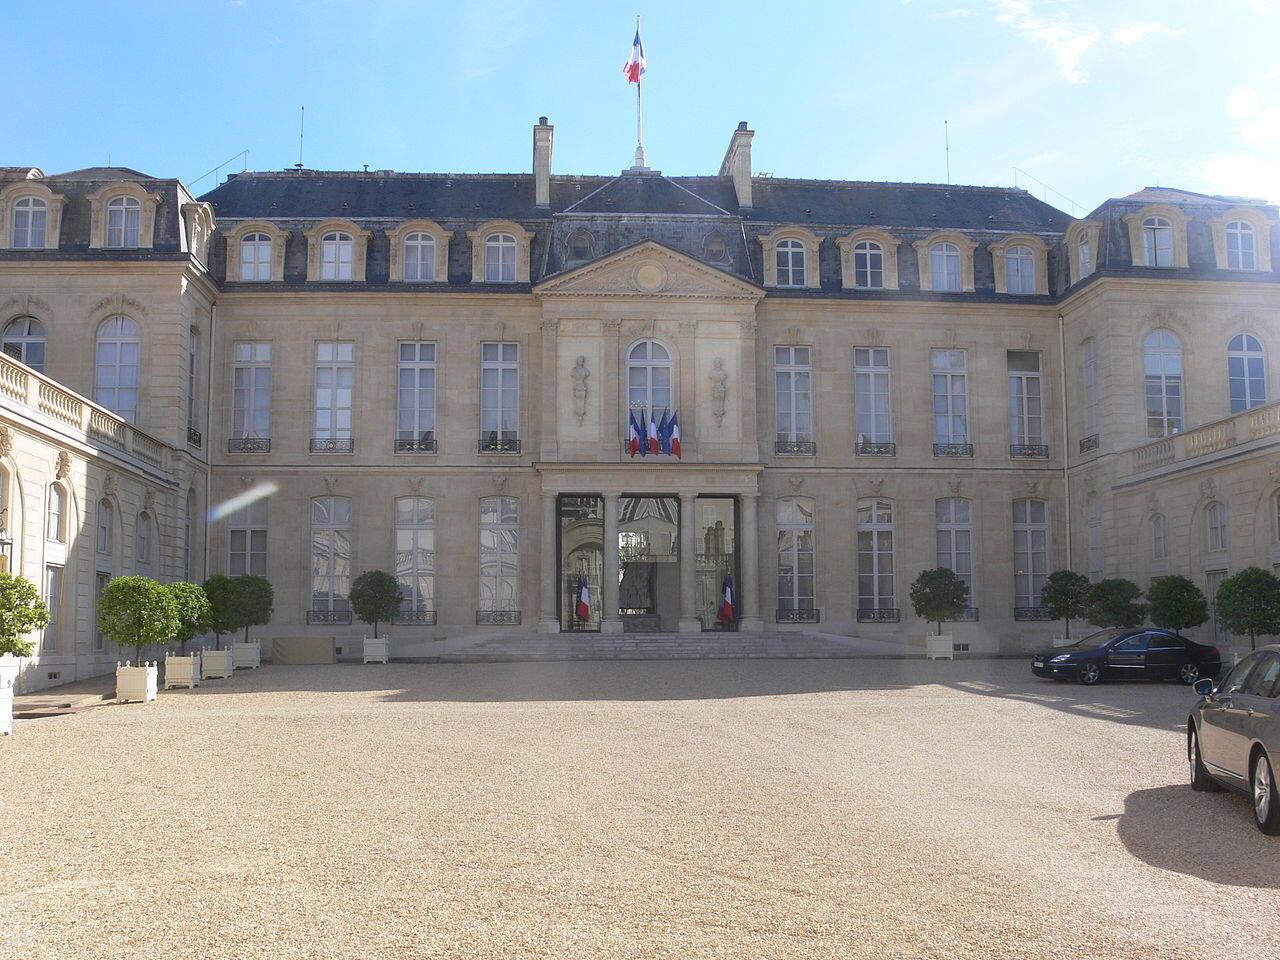 Palácio presidencial do Eliseu.